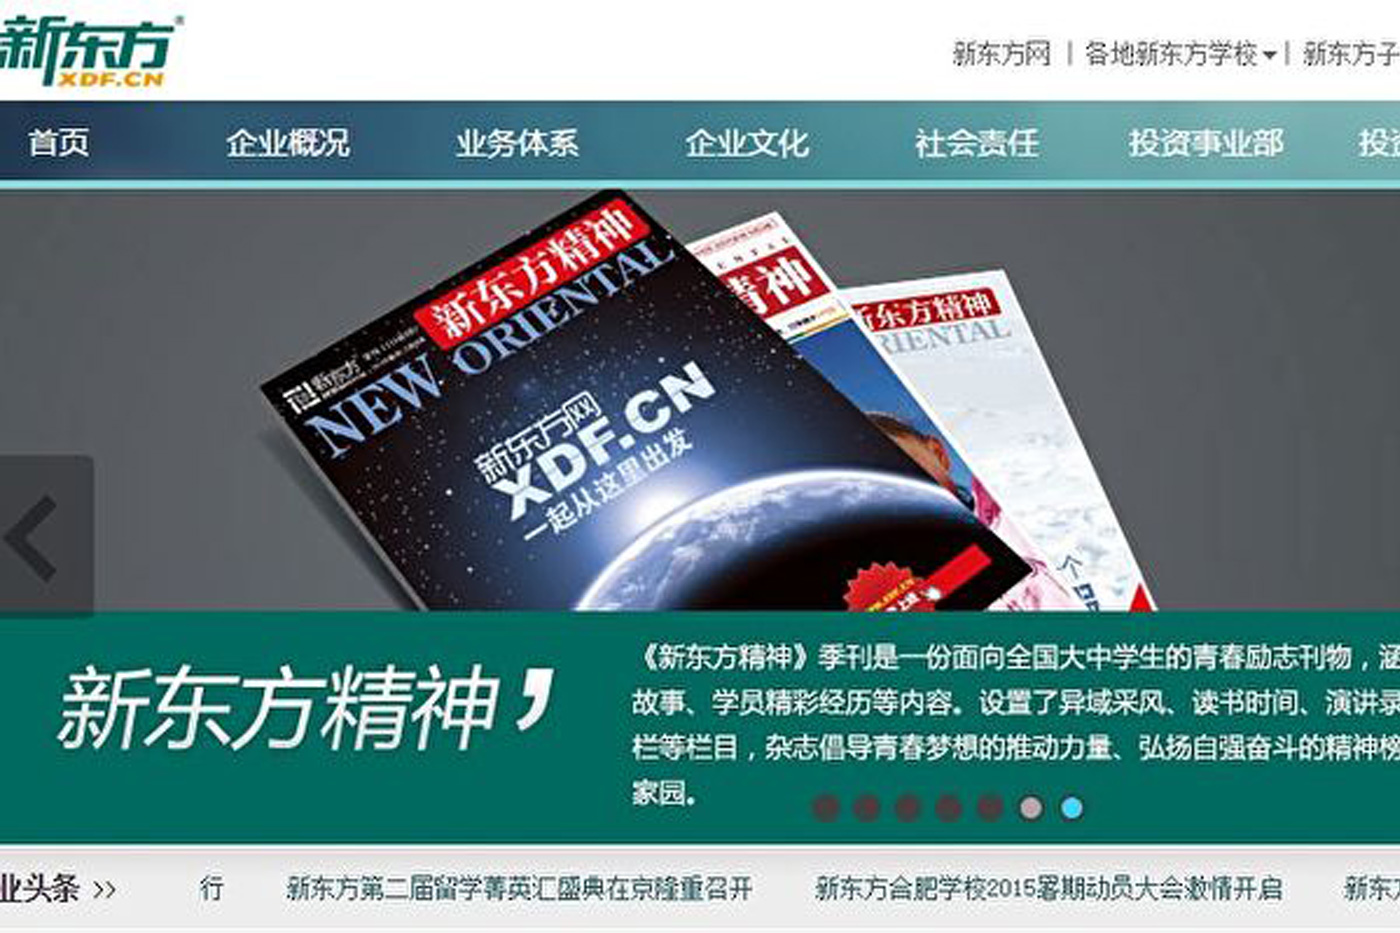 12月2日,路透社爆出新東方教育科技集團(EDU.N)涉嫌留學欺詐的醜聞,美國國際招生協會(AIRC)聞訊表示要對此進行徹查。(網絡截圖)